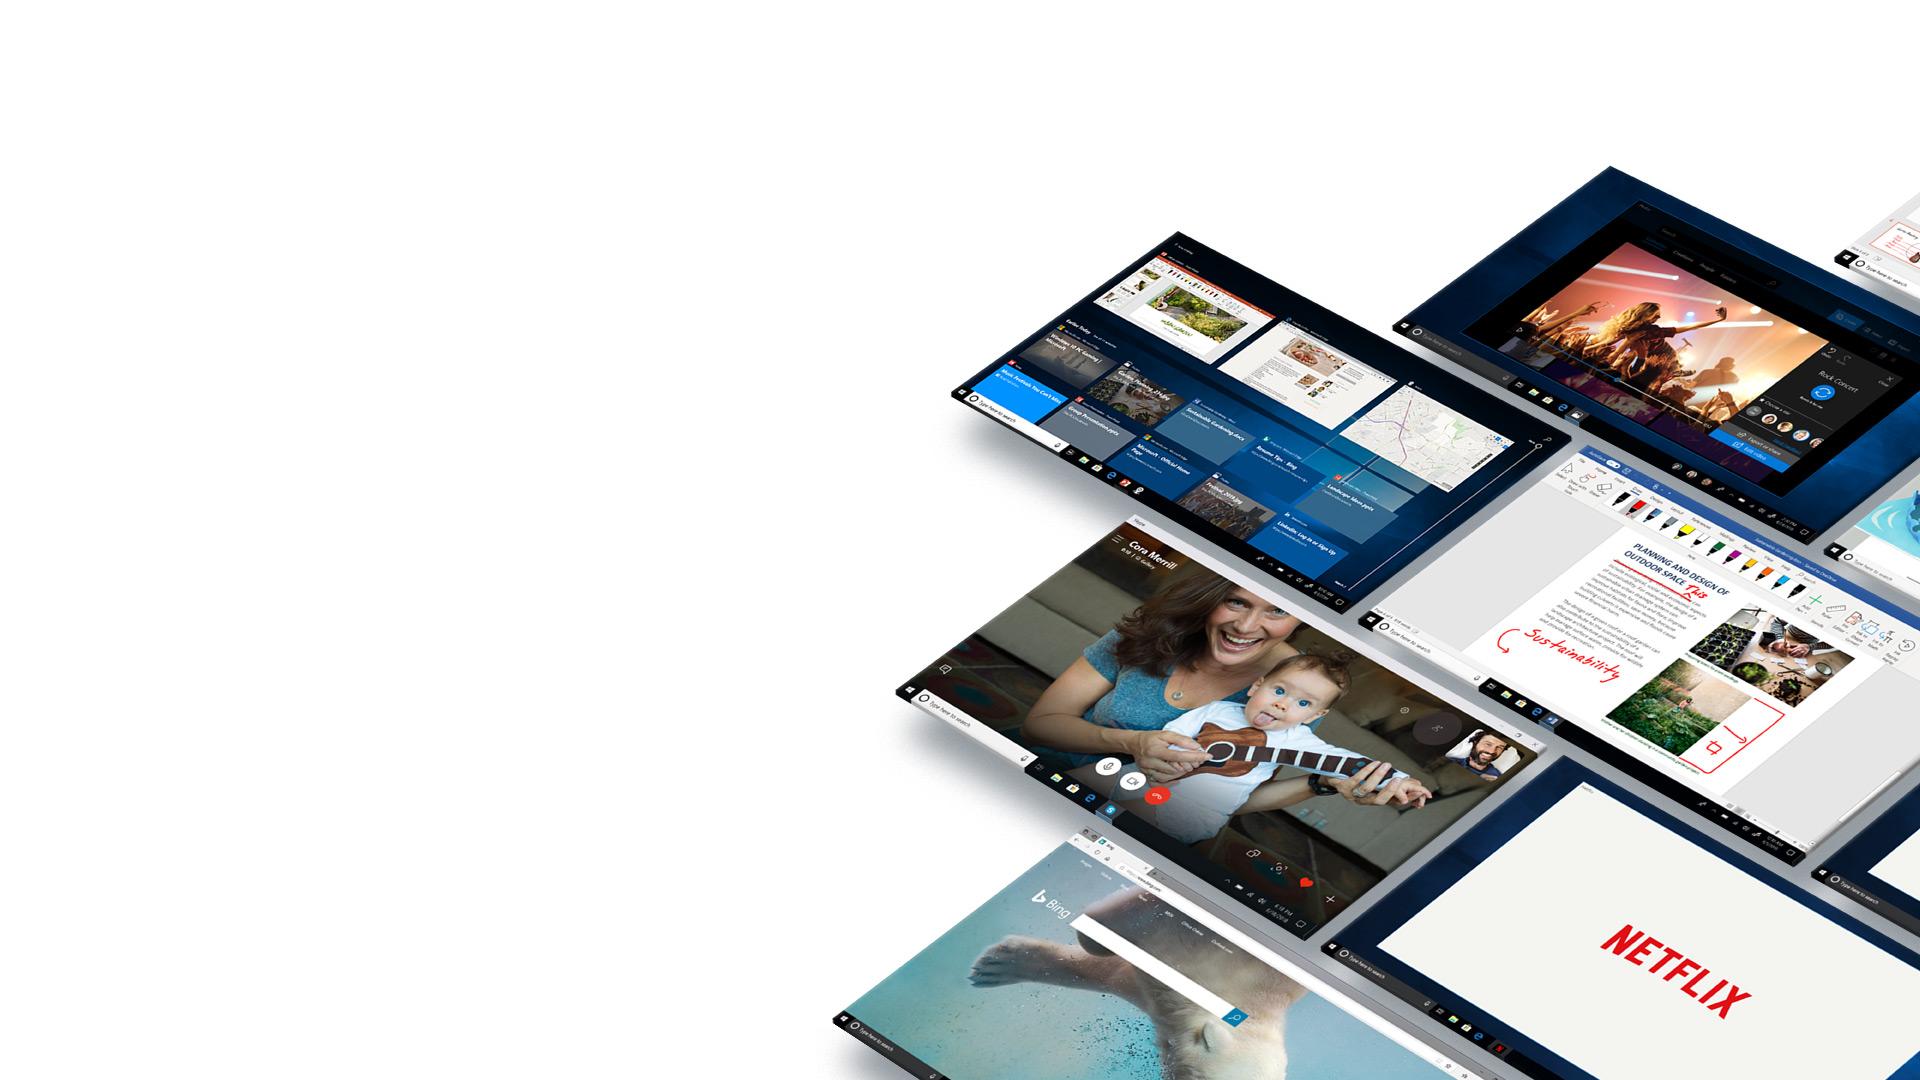 פסיפס של מסכי Windows 10 שמונחים פתוחים עם מגוון אפליקציות ותוכניות פתוחות